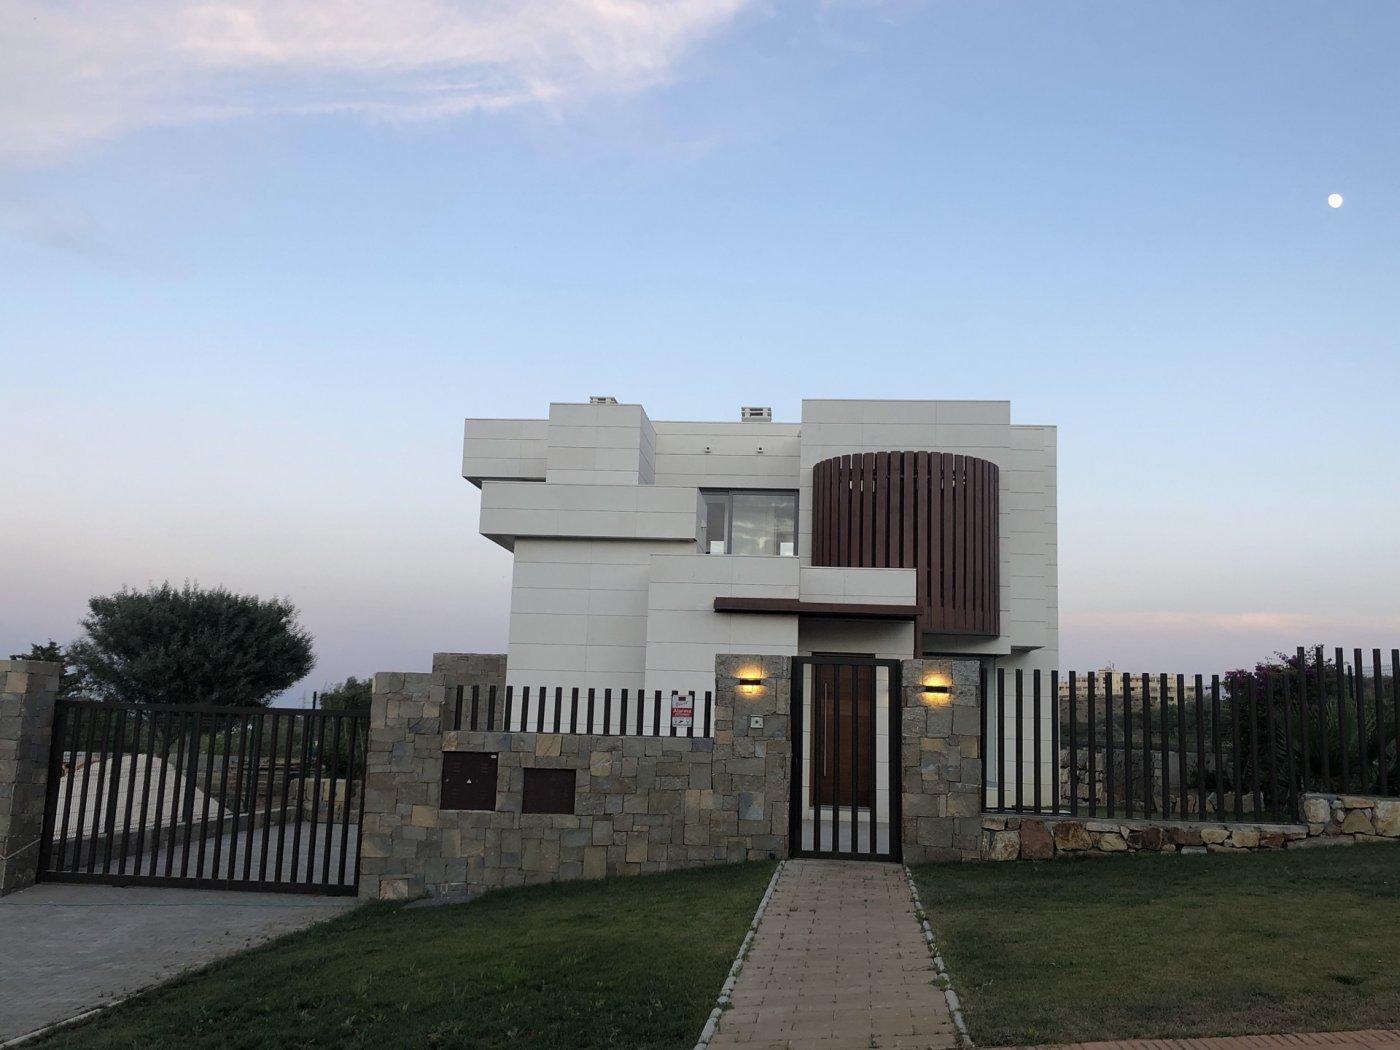 Venta de villas modernas en mijas costa, malaga, espaÑa - imagenInmueble29